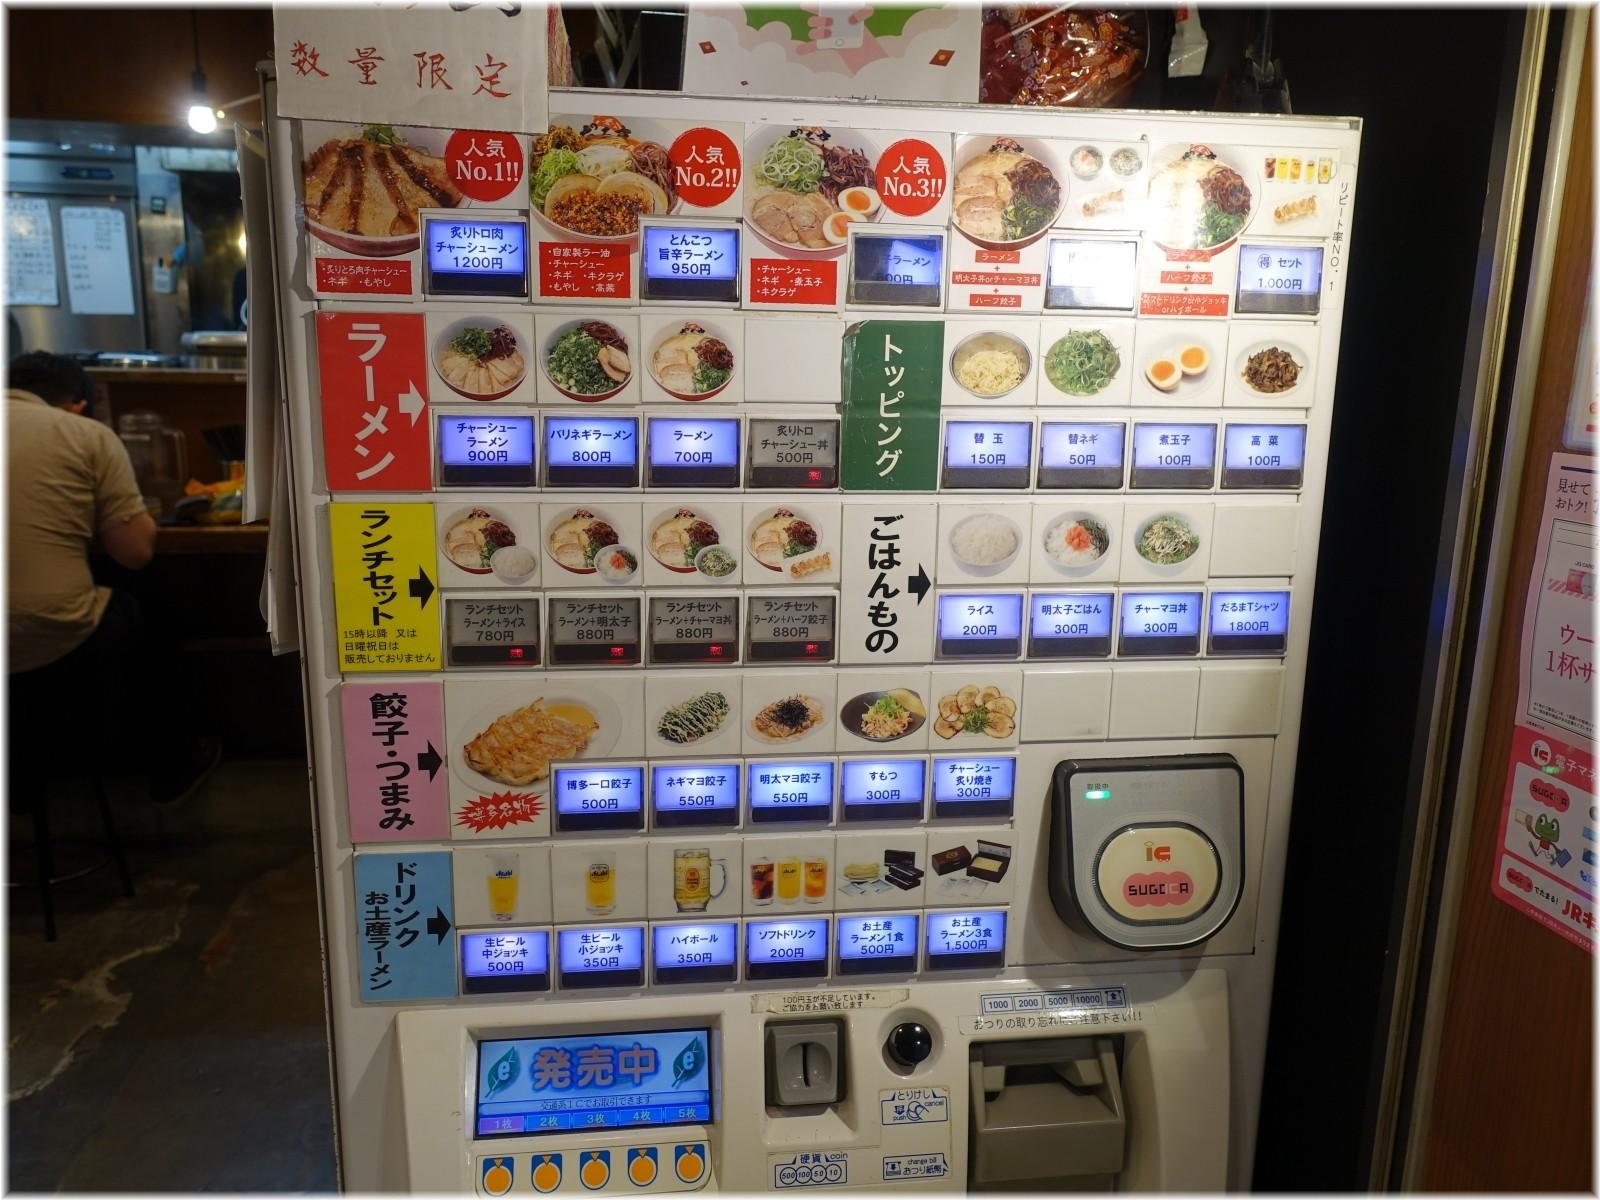 元祖博多だるま 博多デイトス店 食券機